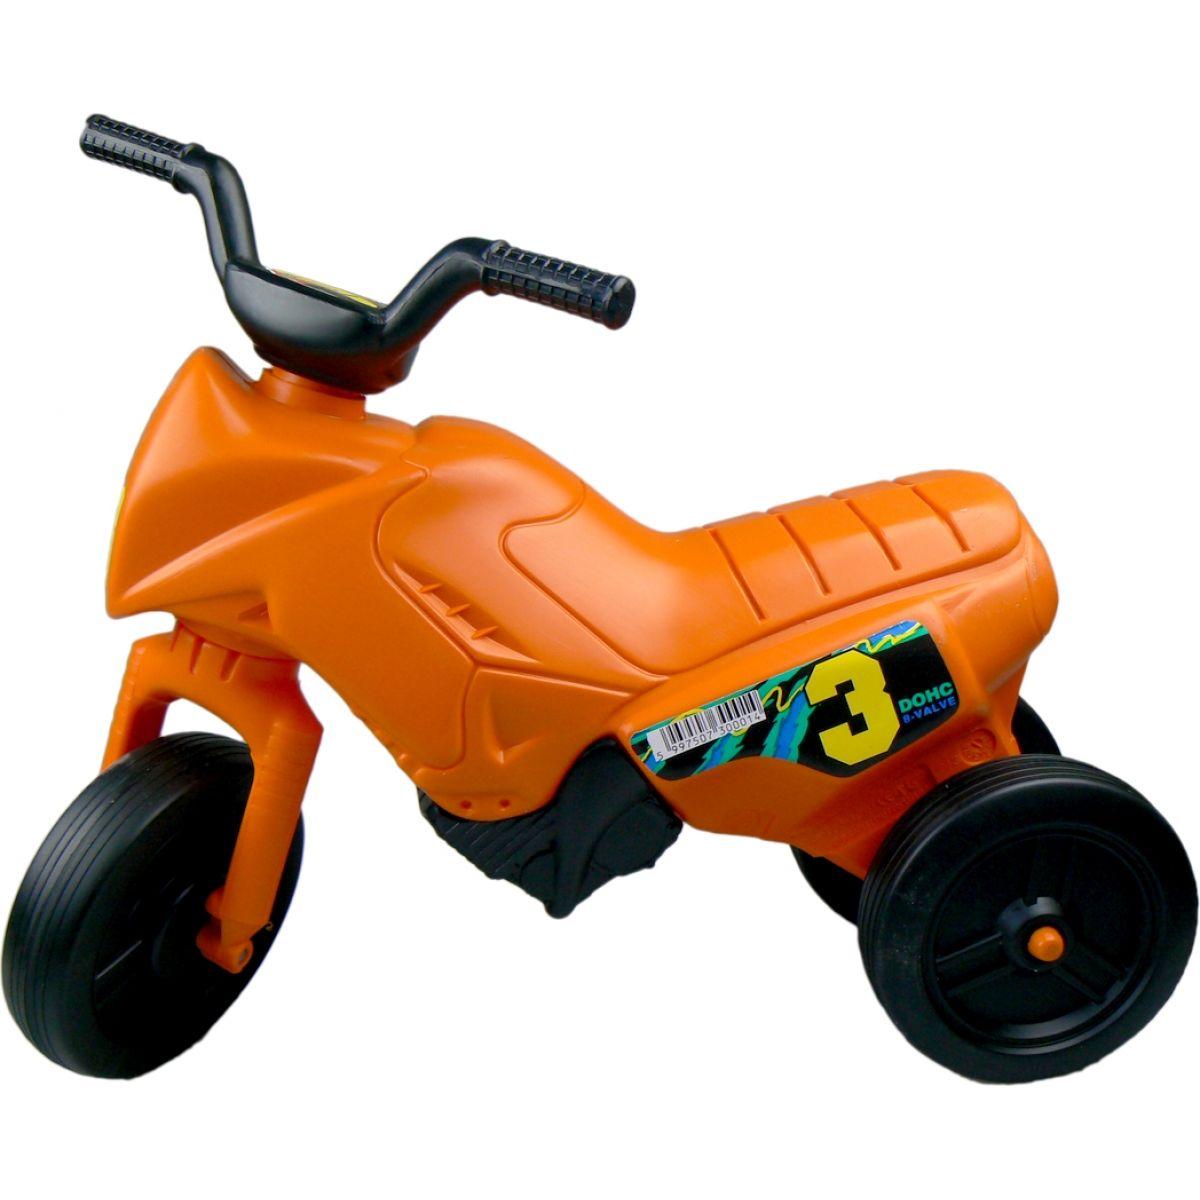 Odrážedlo motorka Enduro menší 150 - Oranžová